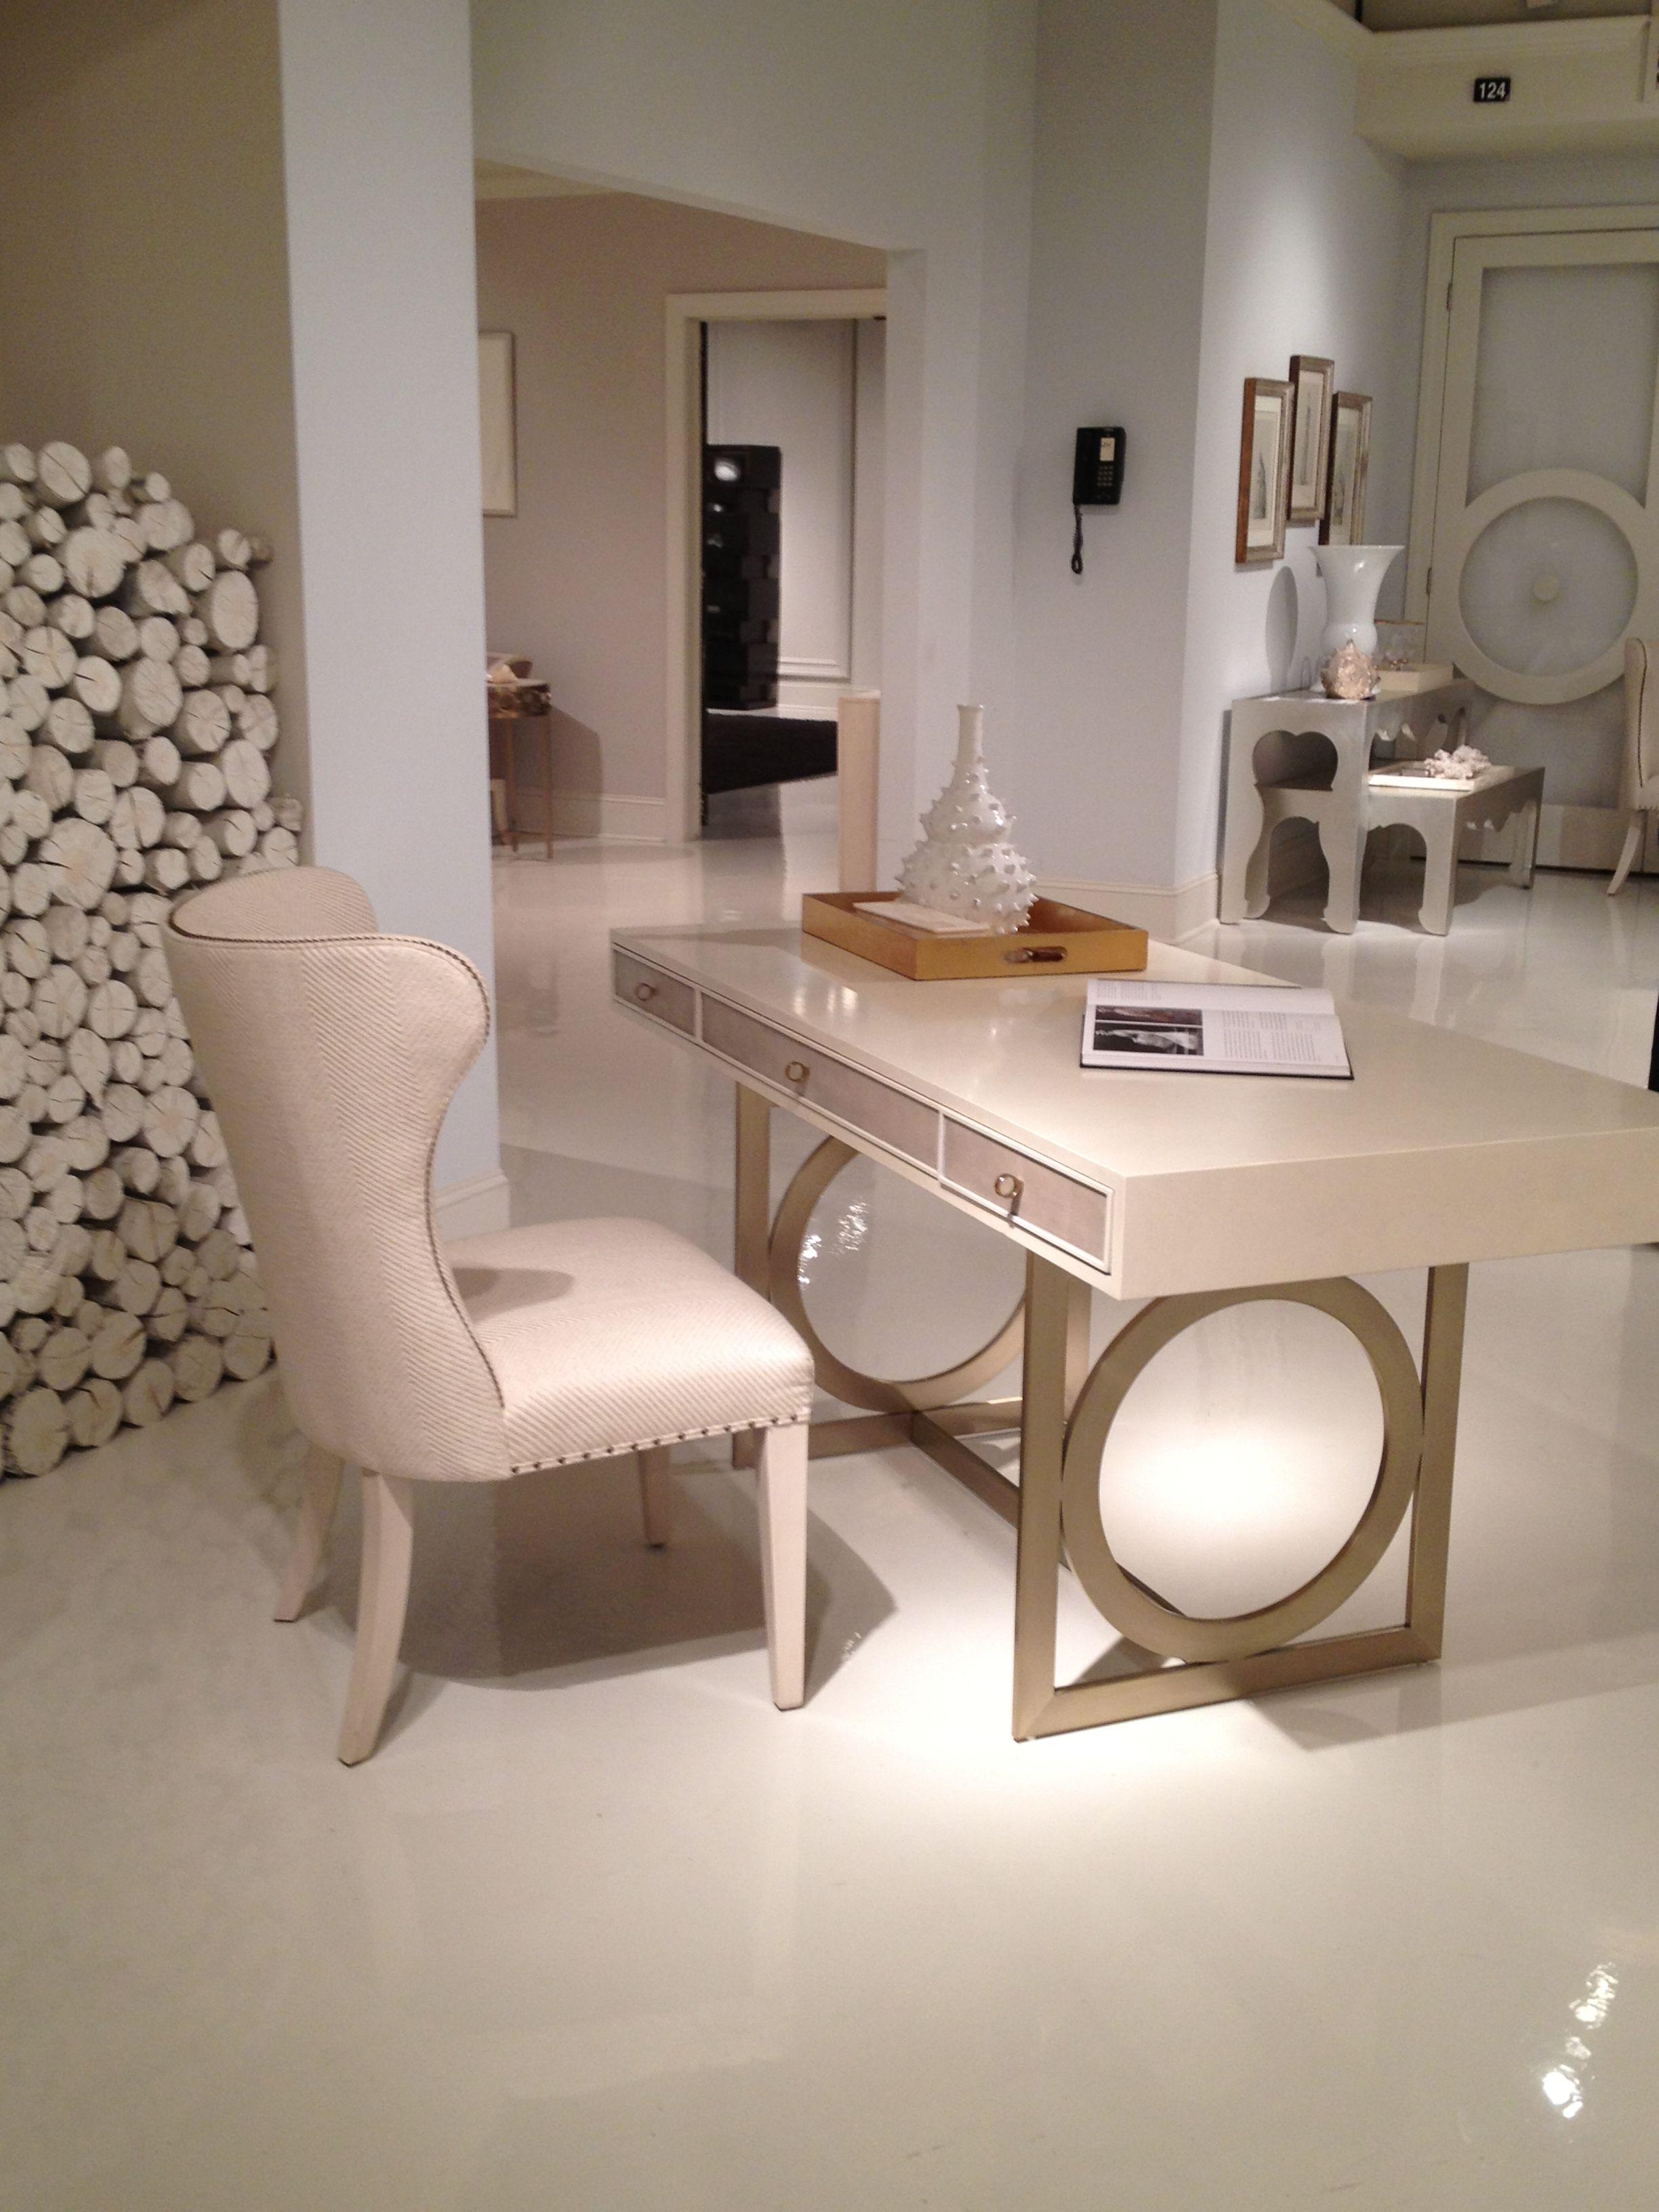 Bernhardt Salon Writing Desk Www Idcincinnati Furniture Avenue Design